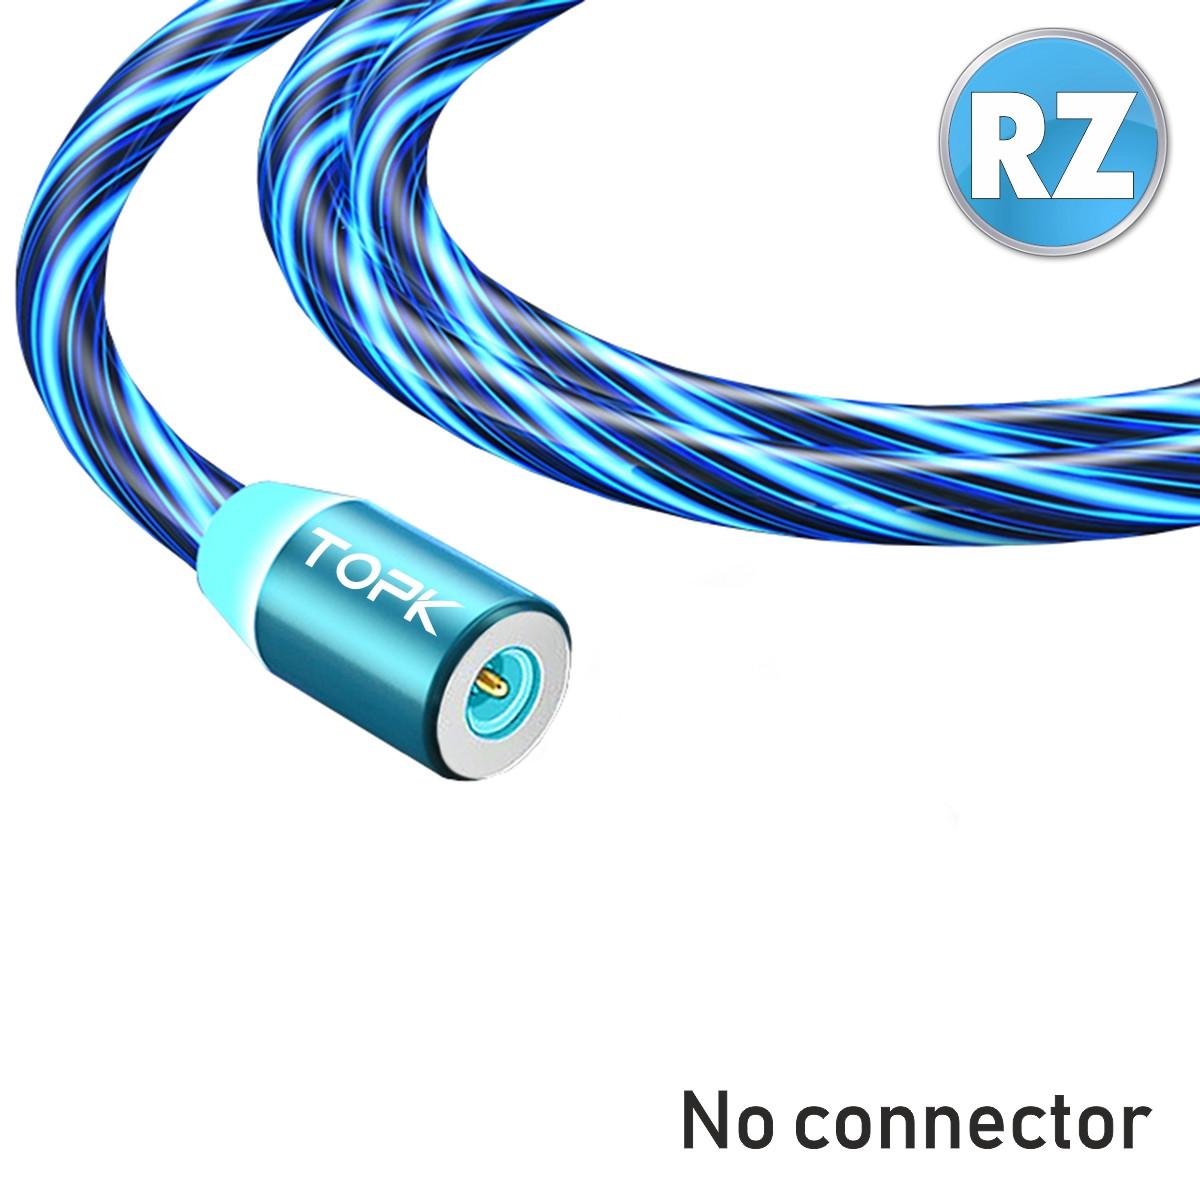 Магнітний кабель TOPK без коннектора (RZ) для заряджання (100 см) Blue